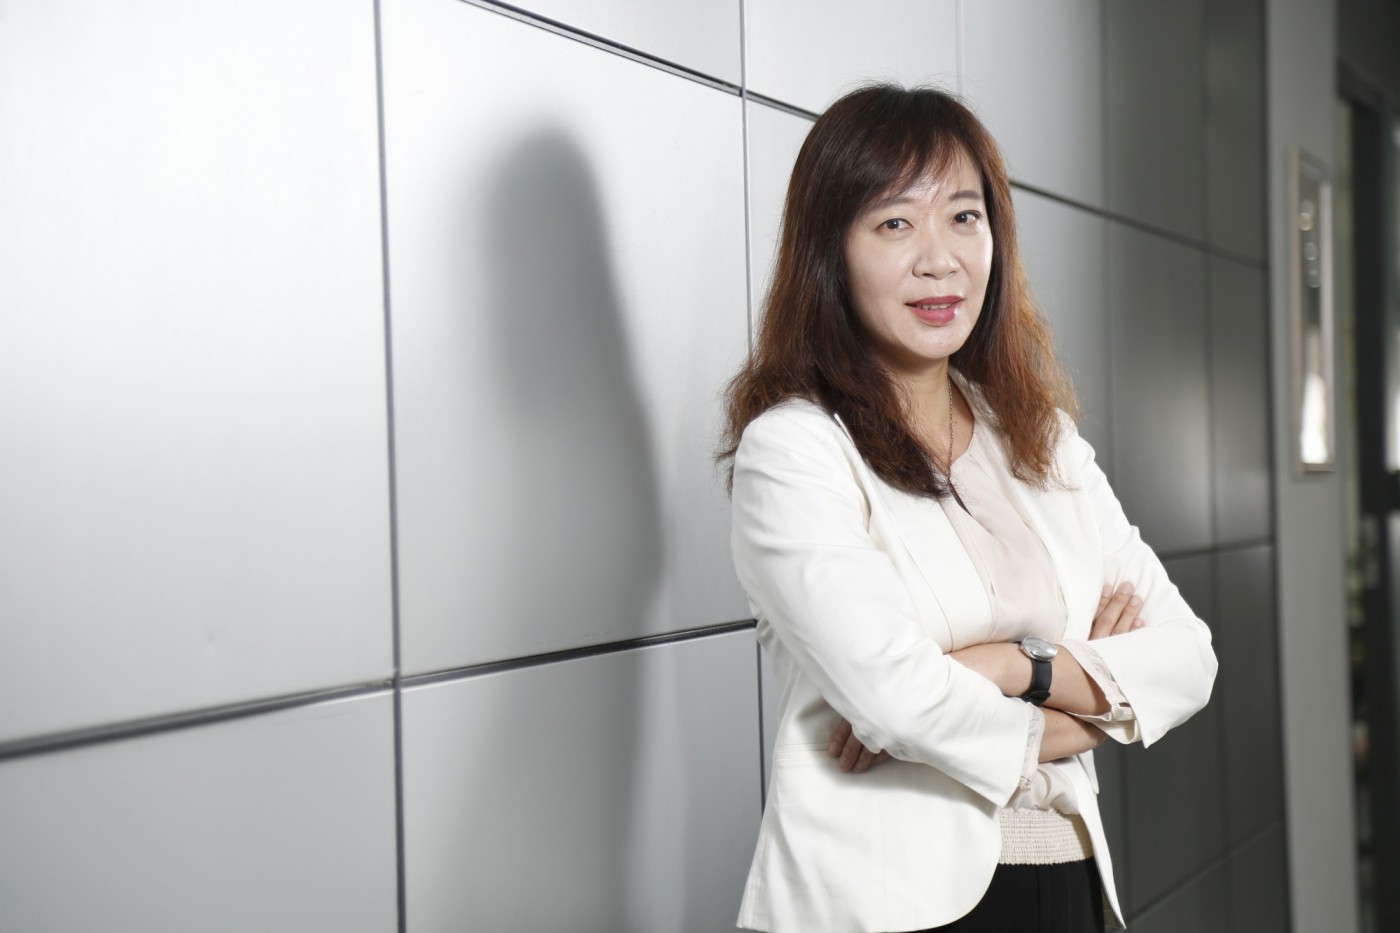 台灣五大產業轉型的關鍵! 跟手機一樣重要的數位科技